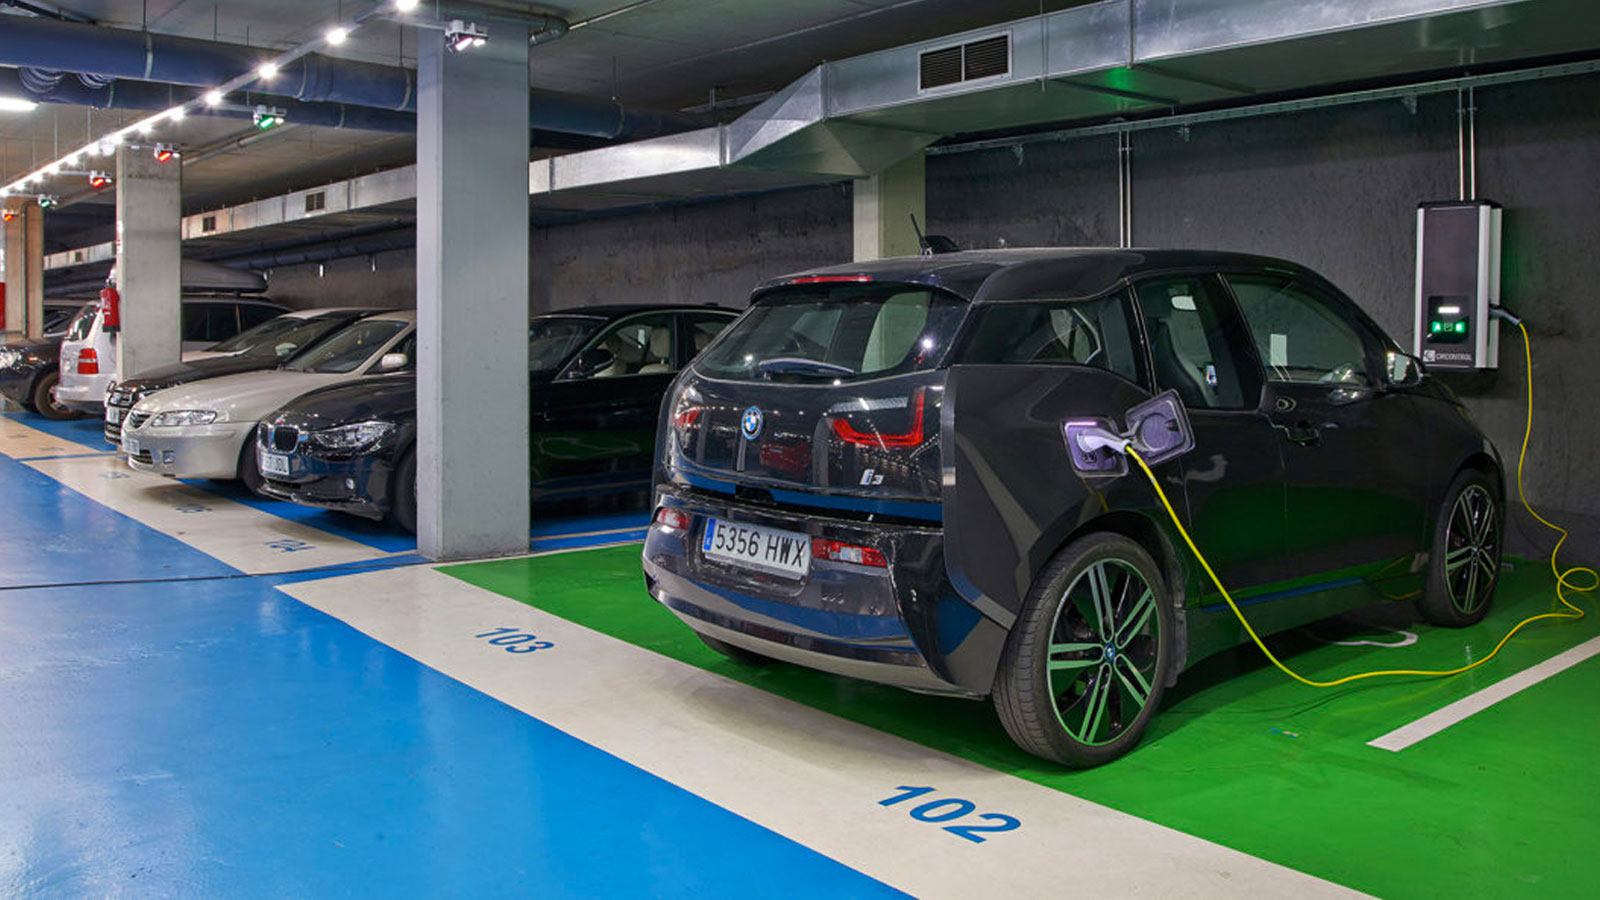 Carpark charging